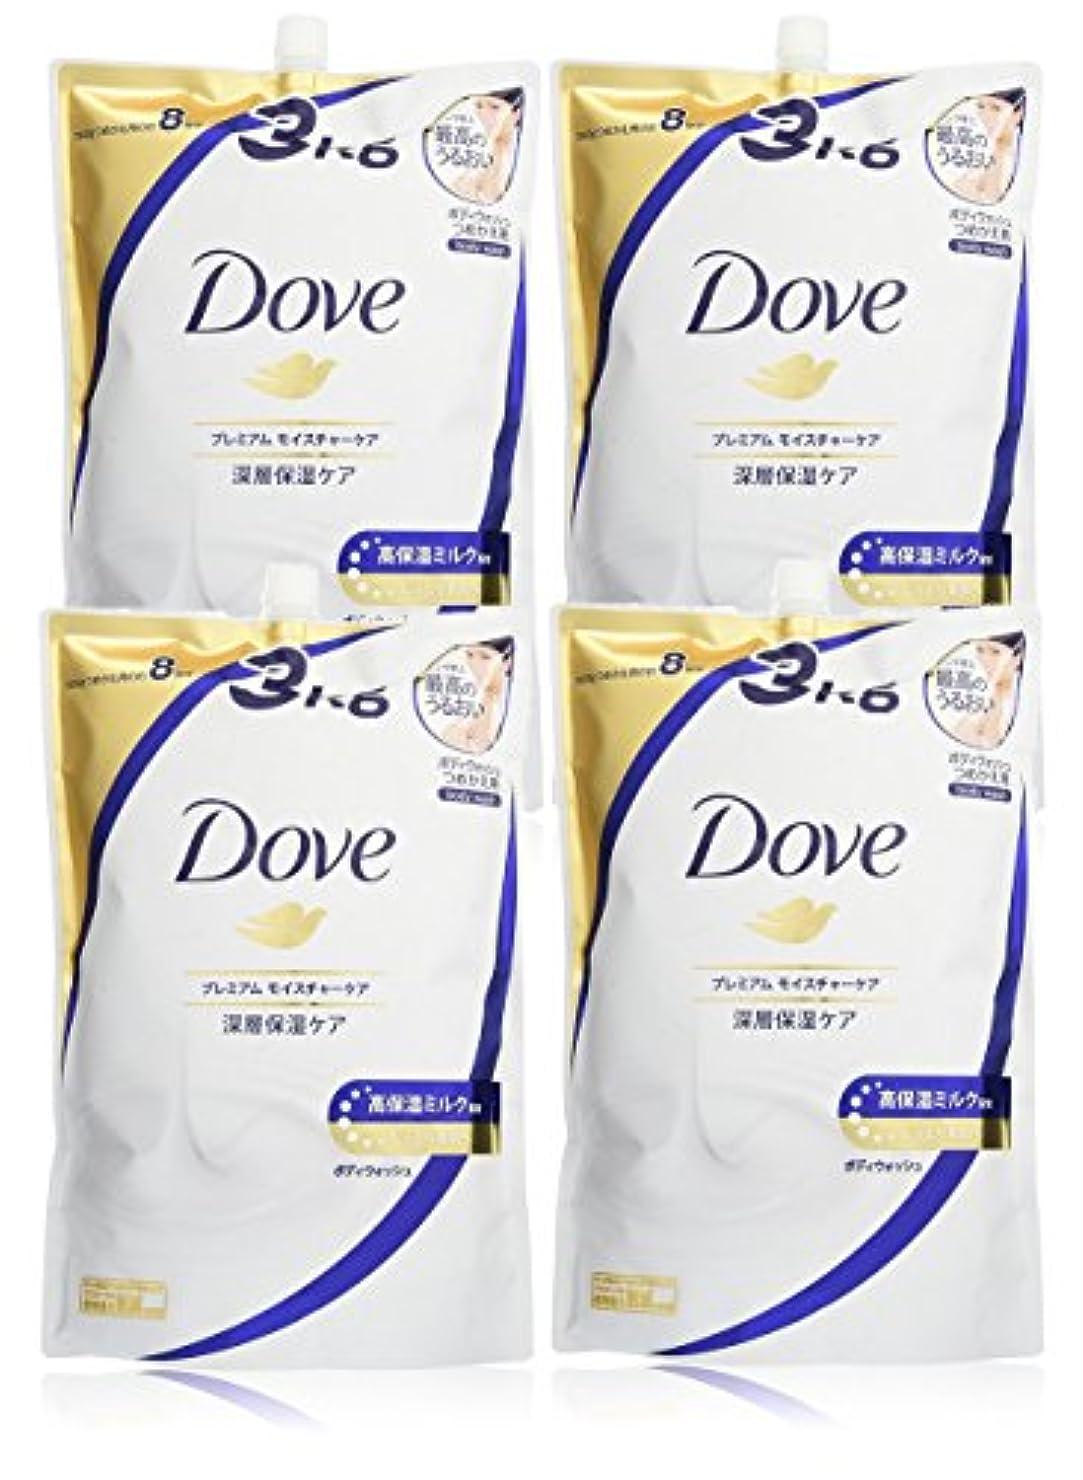 どんなときも聖人ソビエト【ケース販売】 Dove(ダヴ) ボディウォッシュ プレミアム モイスチャーケア つめかえ用 3kg×4個